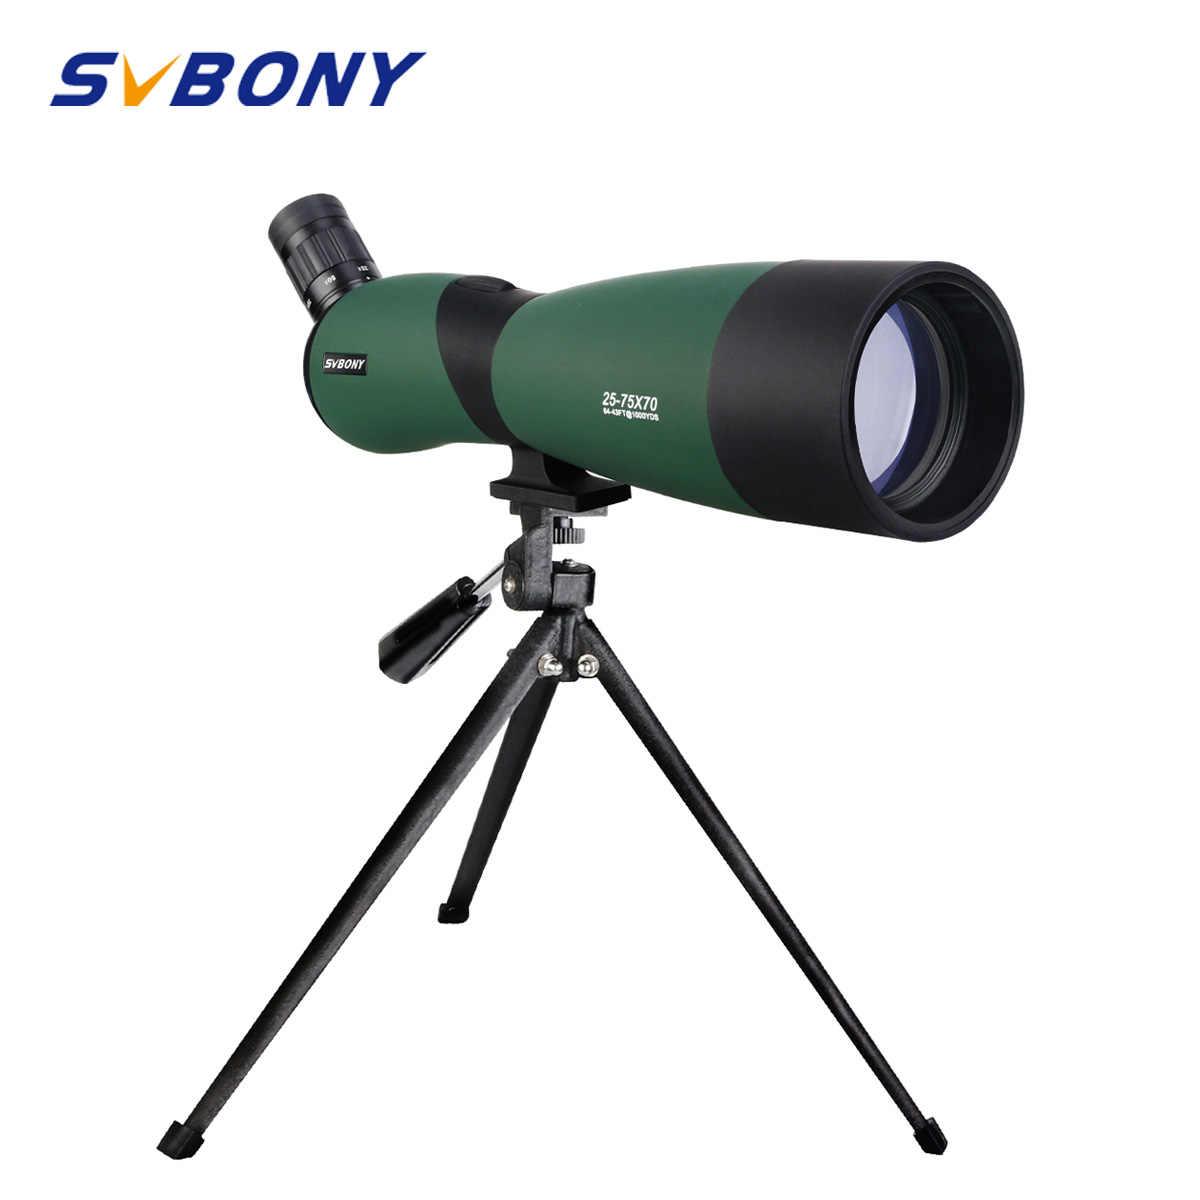 SVBONY SV403 تلسكوب التكبير 20-60X60/25-75x70mm نطاق كشف متعددة المغلفة البصريات أحادي 64-43ft/1000 ياردة ث/حامل ثلاثي الأرجل للصيد ، وإطلاق النار ، والرماية ، مراقبة الطيور